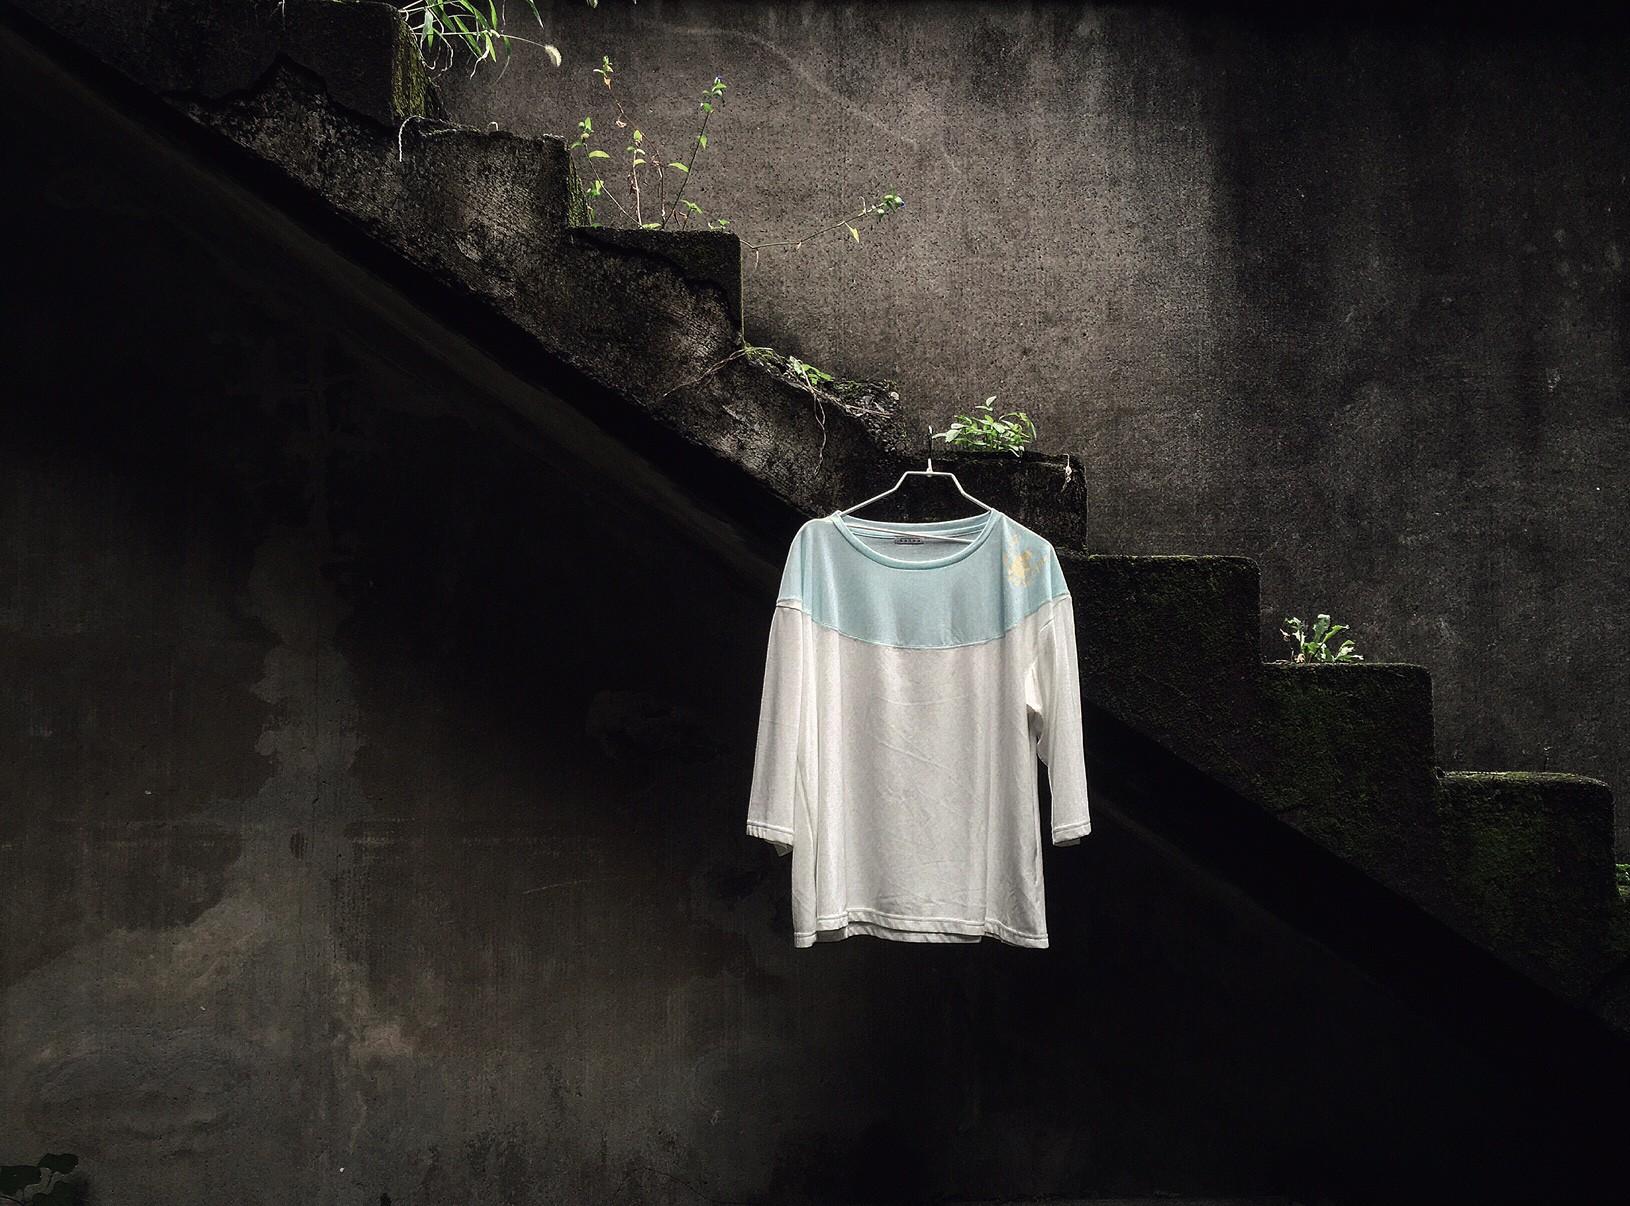 haTha×オニィコラボ7部袖Tシャツ 新色